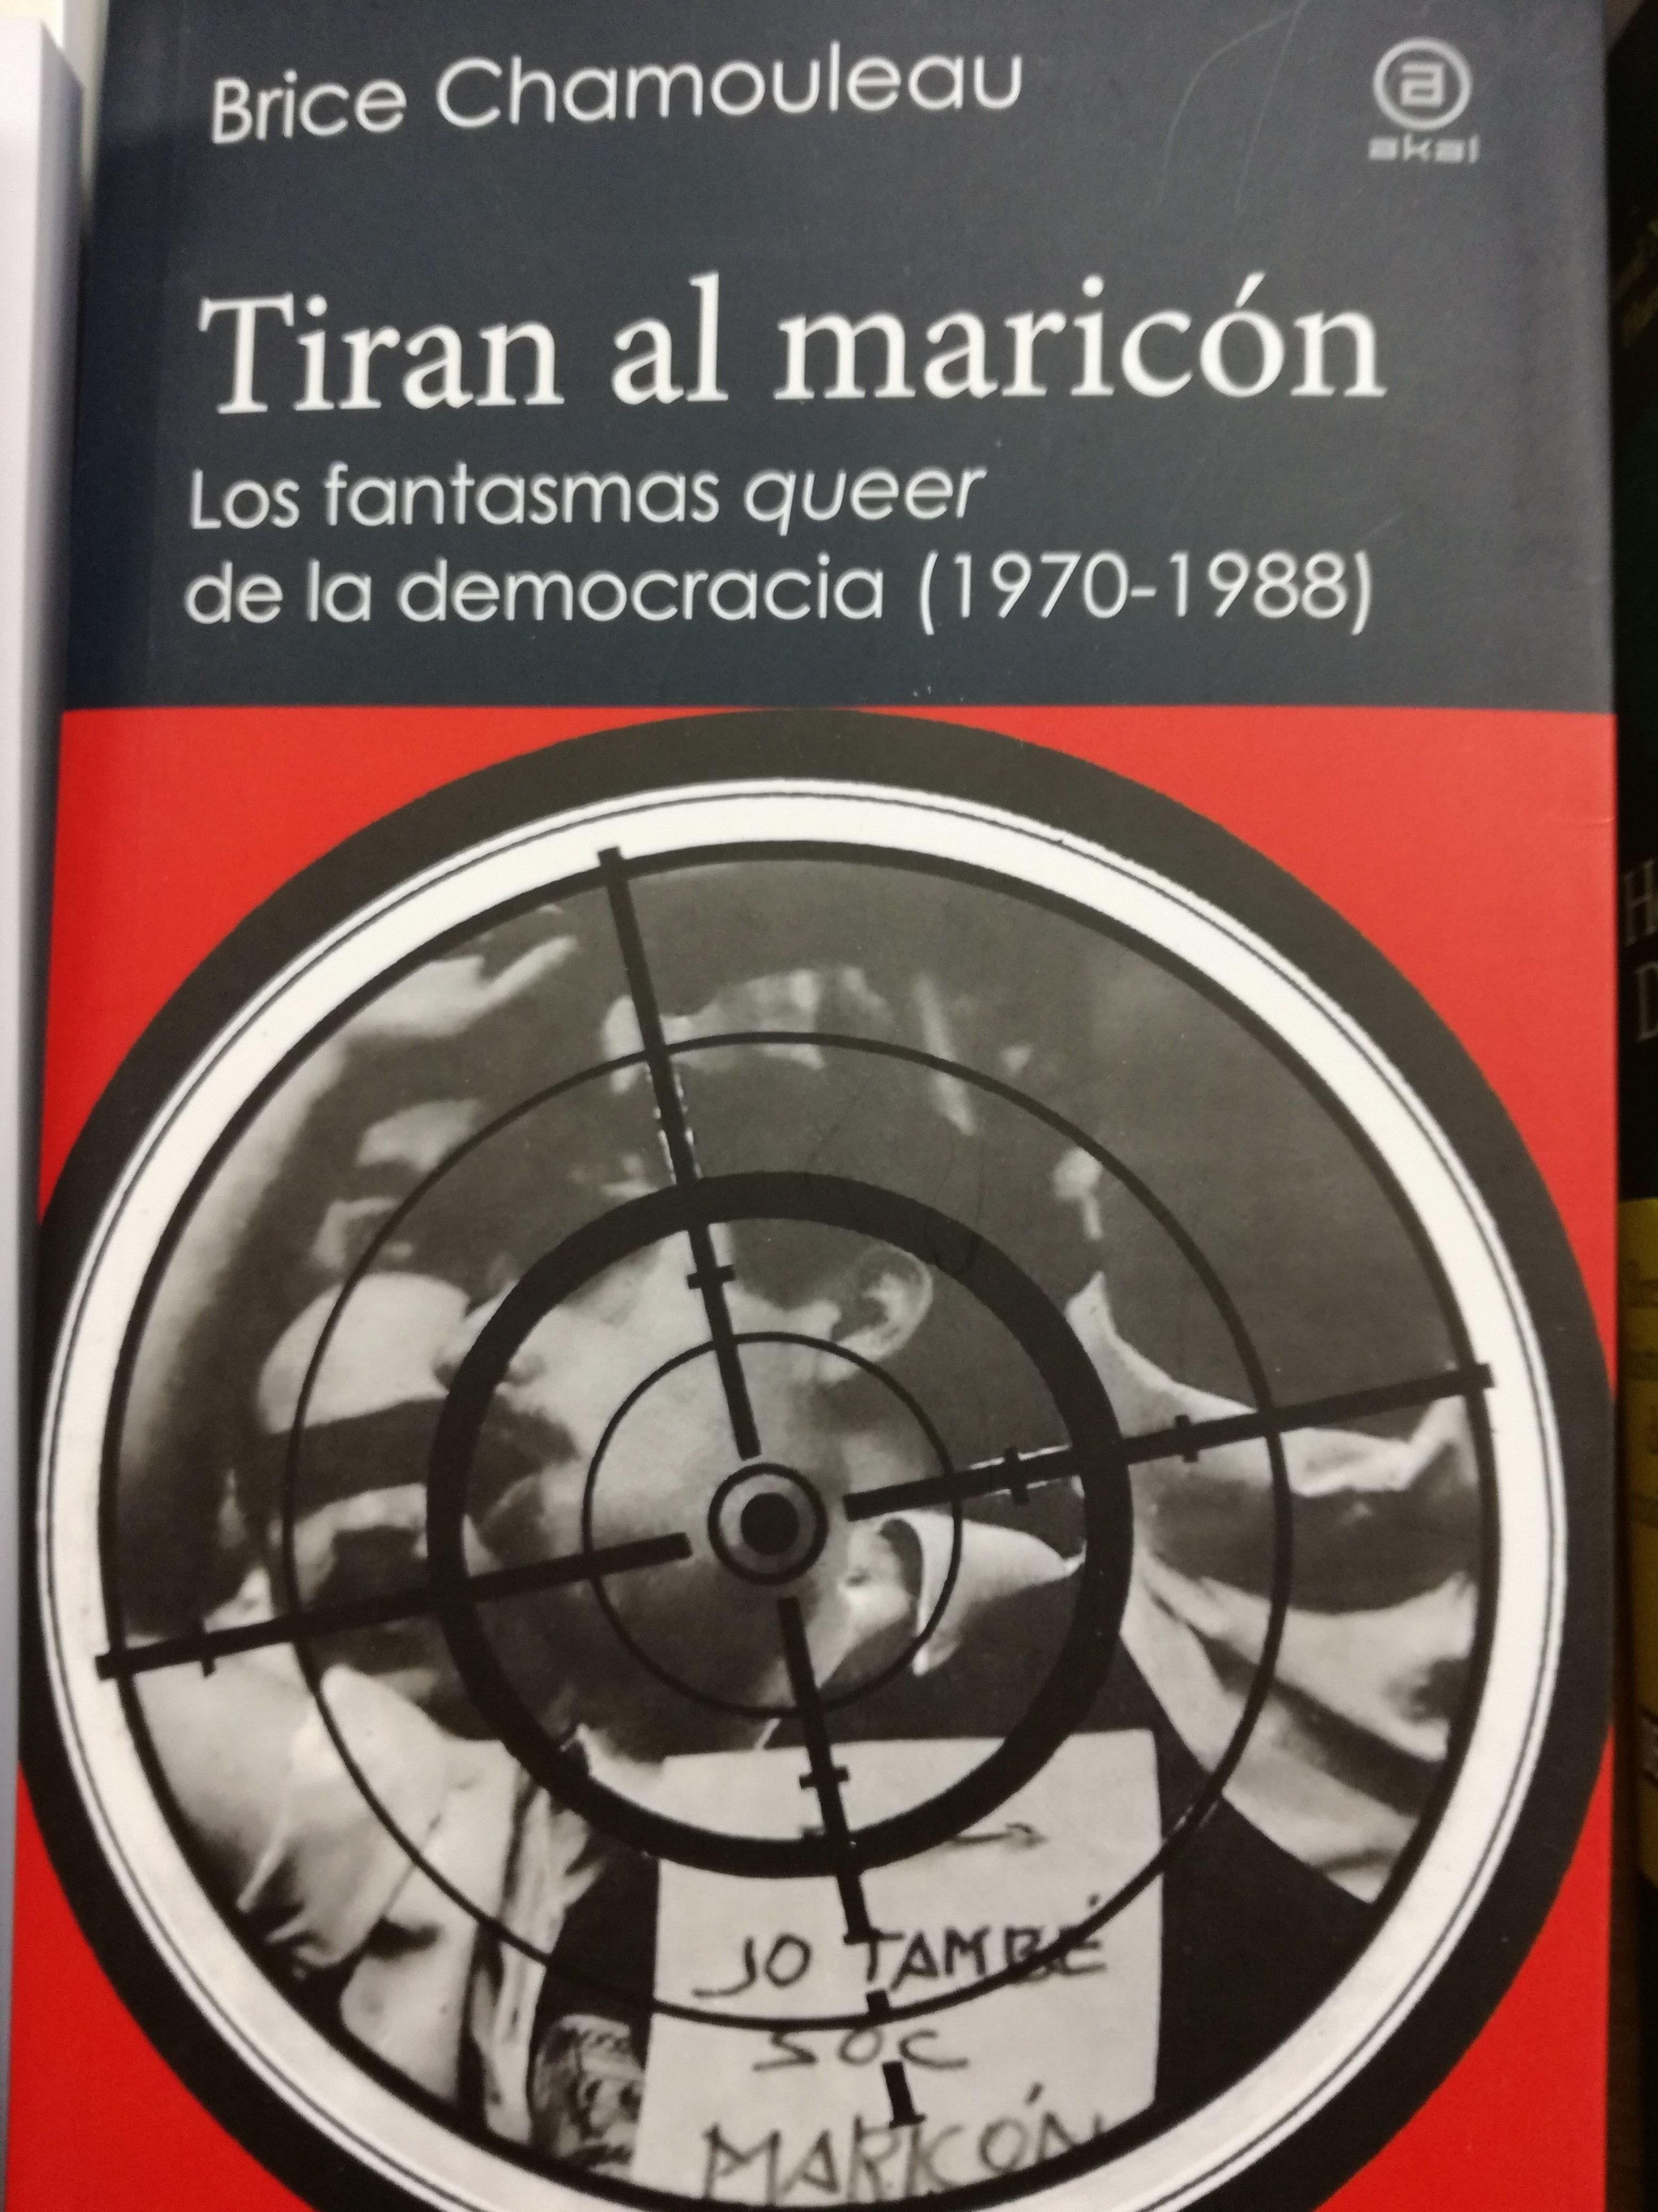 Tiran al maricón  Los fantasmas queer de la democracia: SECCIONES de Librería Nueva Plaza Universitaria